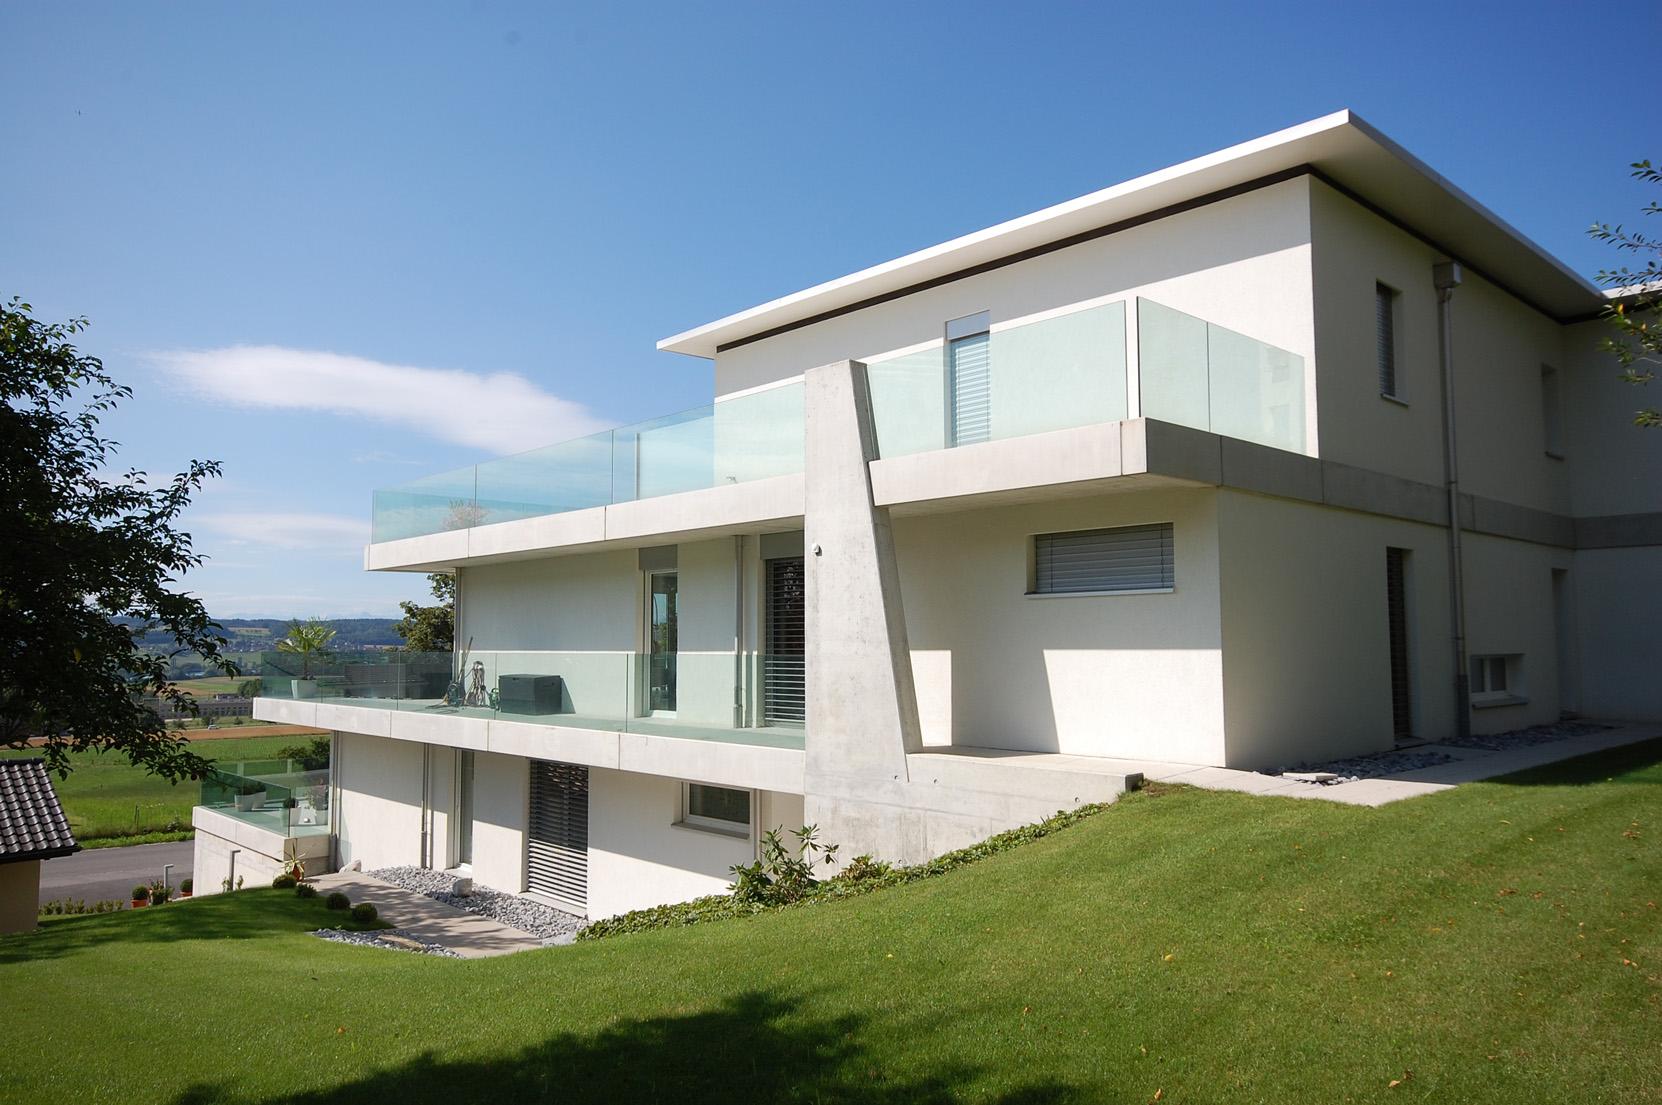 Terrassenwohnungen grenchenstrasse bettlach architektur for Format 41 raumgestaltung ag